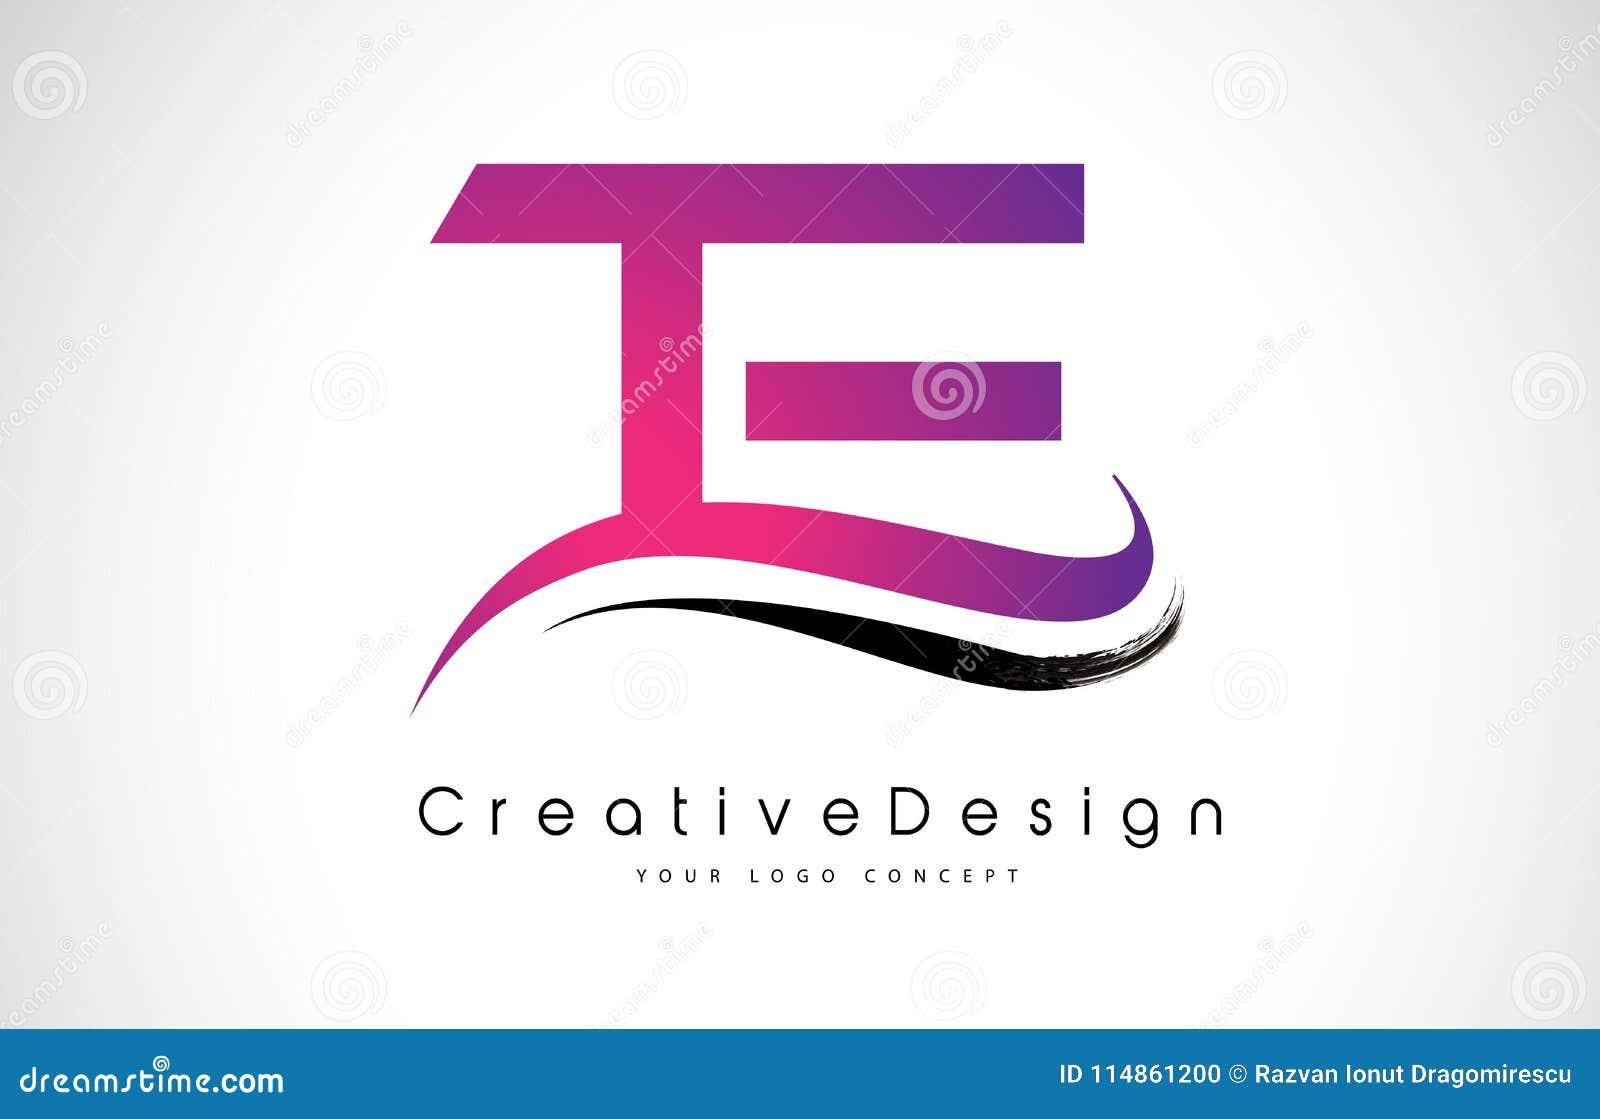 te t e letter logo design creative icon modern letters vector l